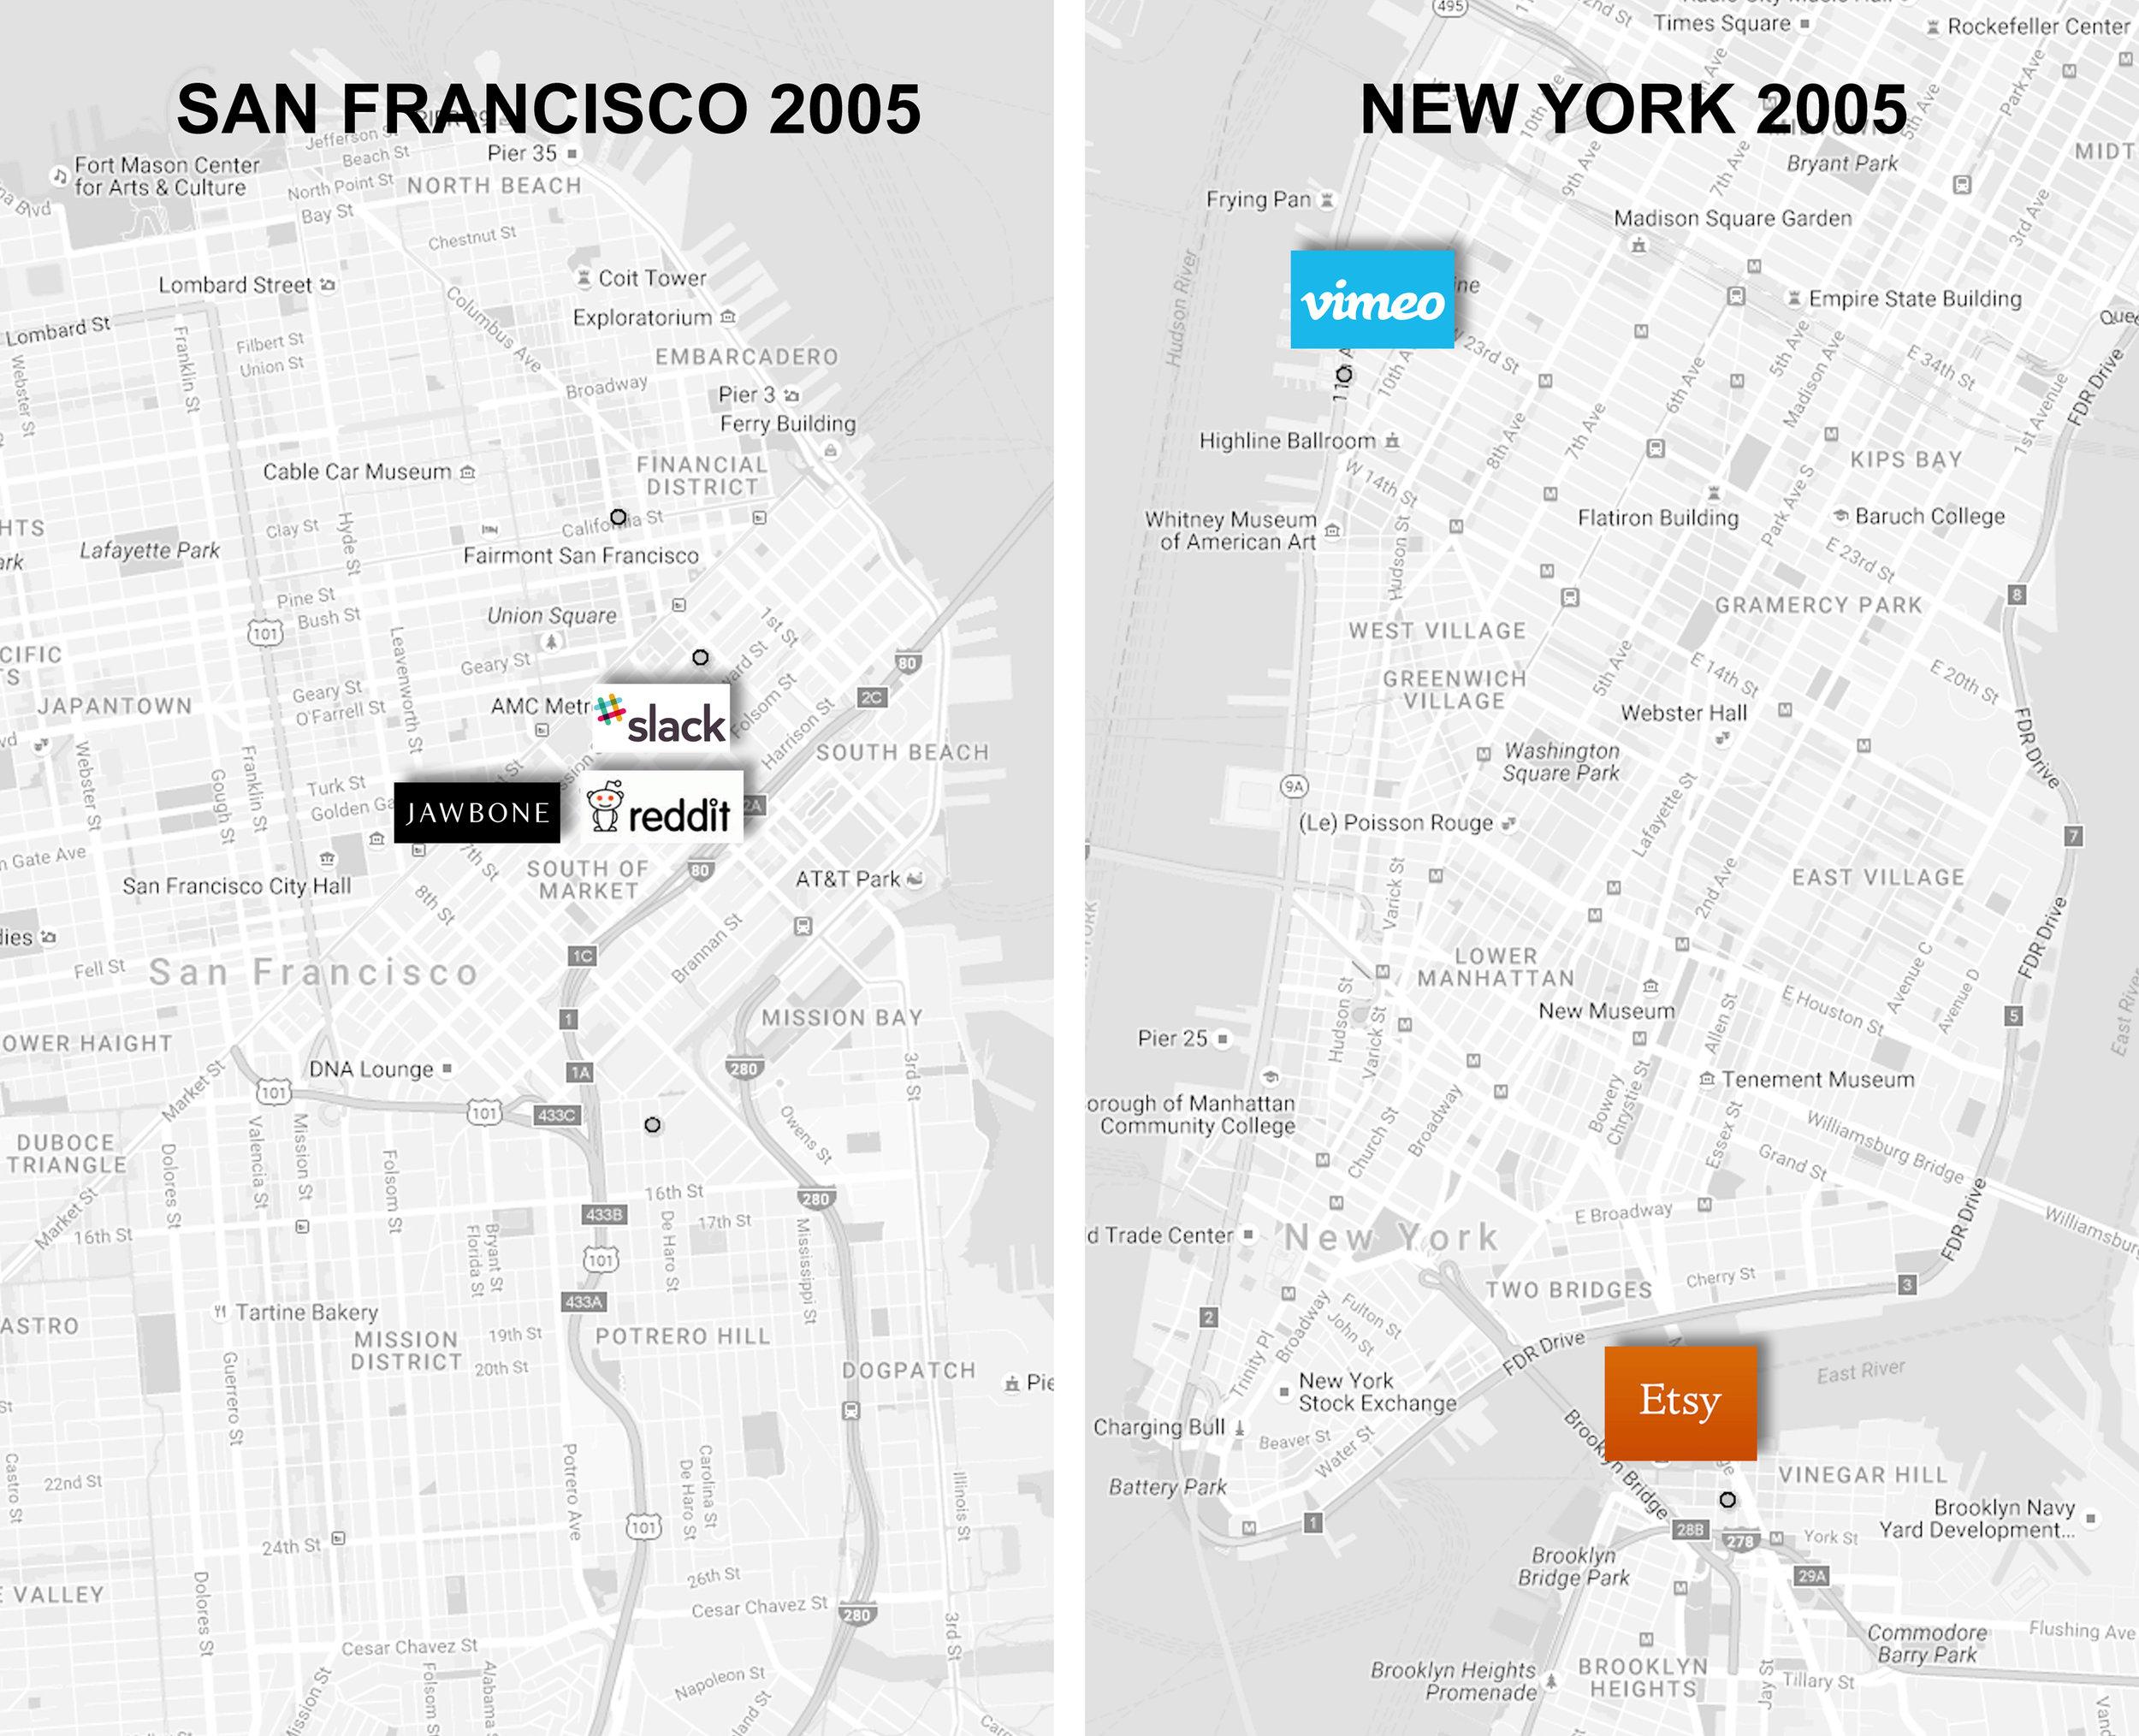 SF NYC 2005 LR.jpg